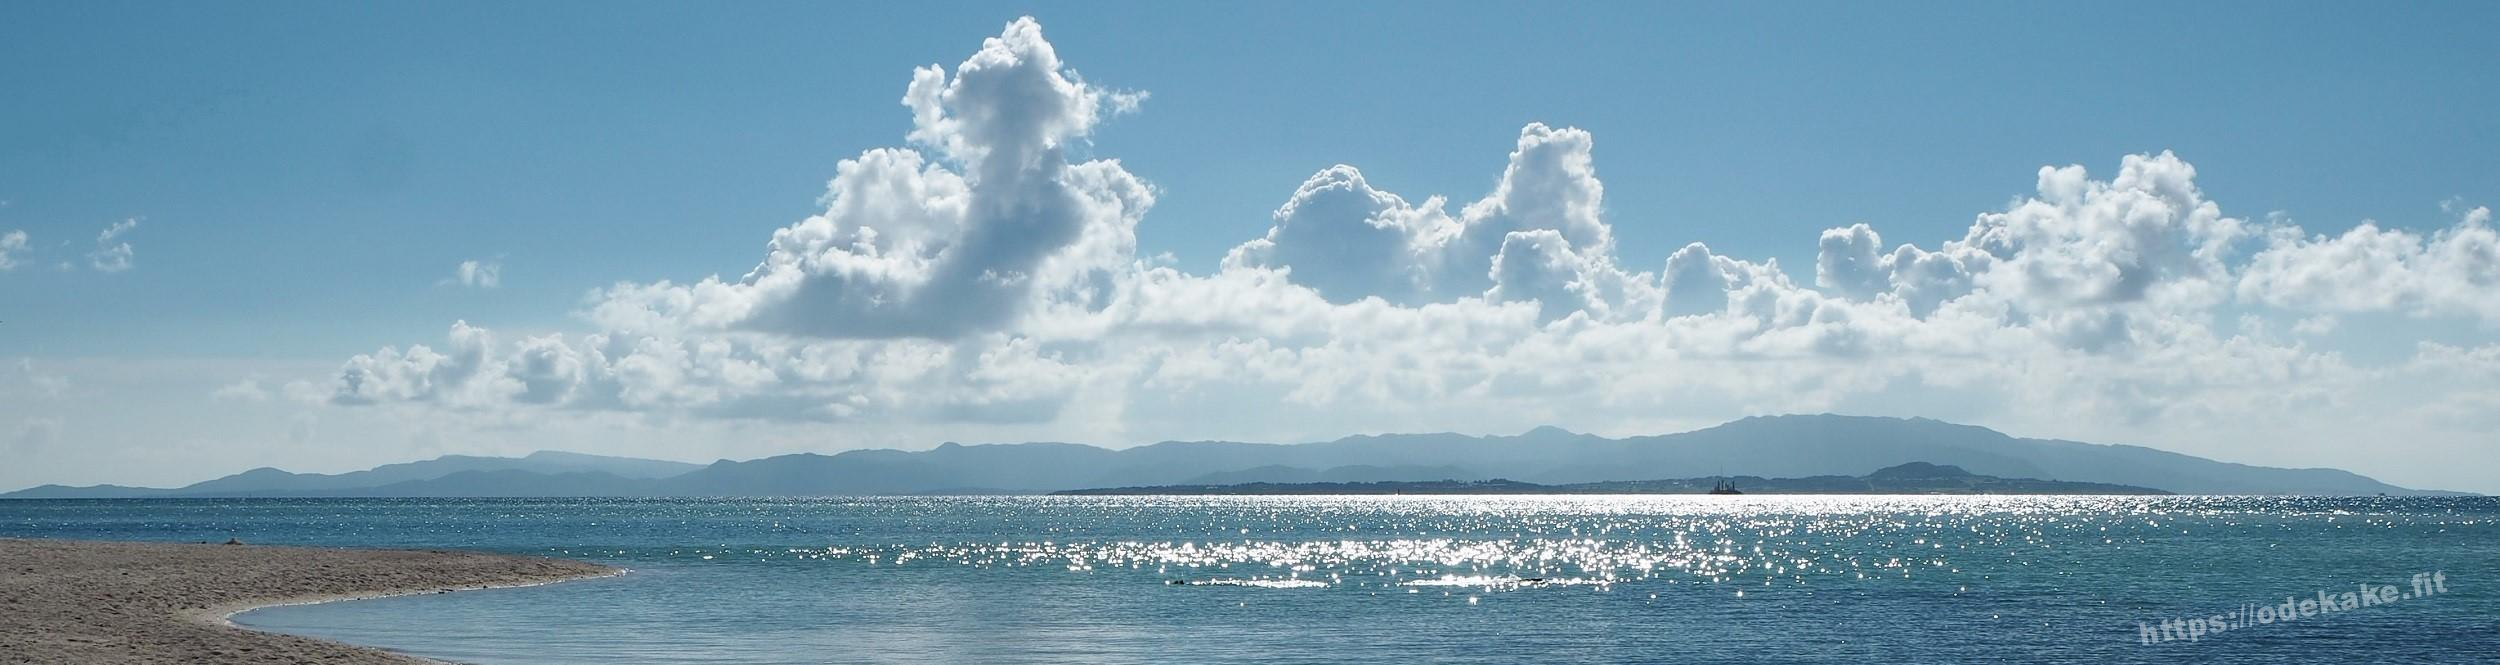 【竹富島4】西日でキラキラのコンドイビーチと、開発反対の看板